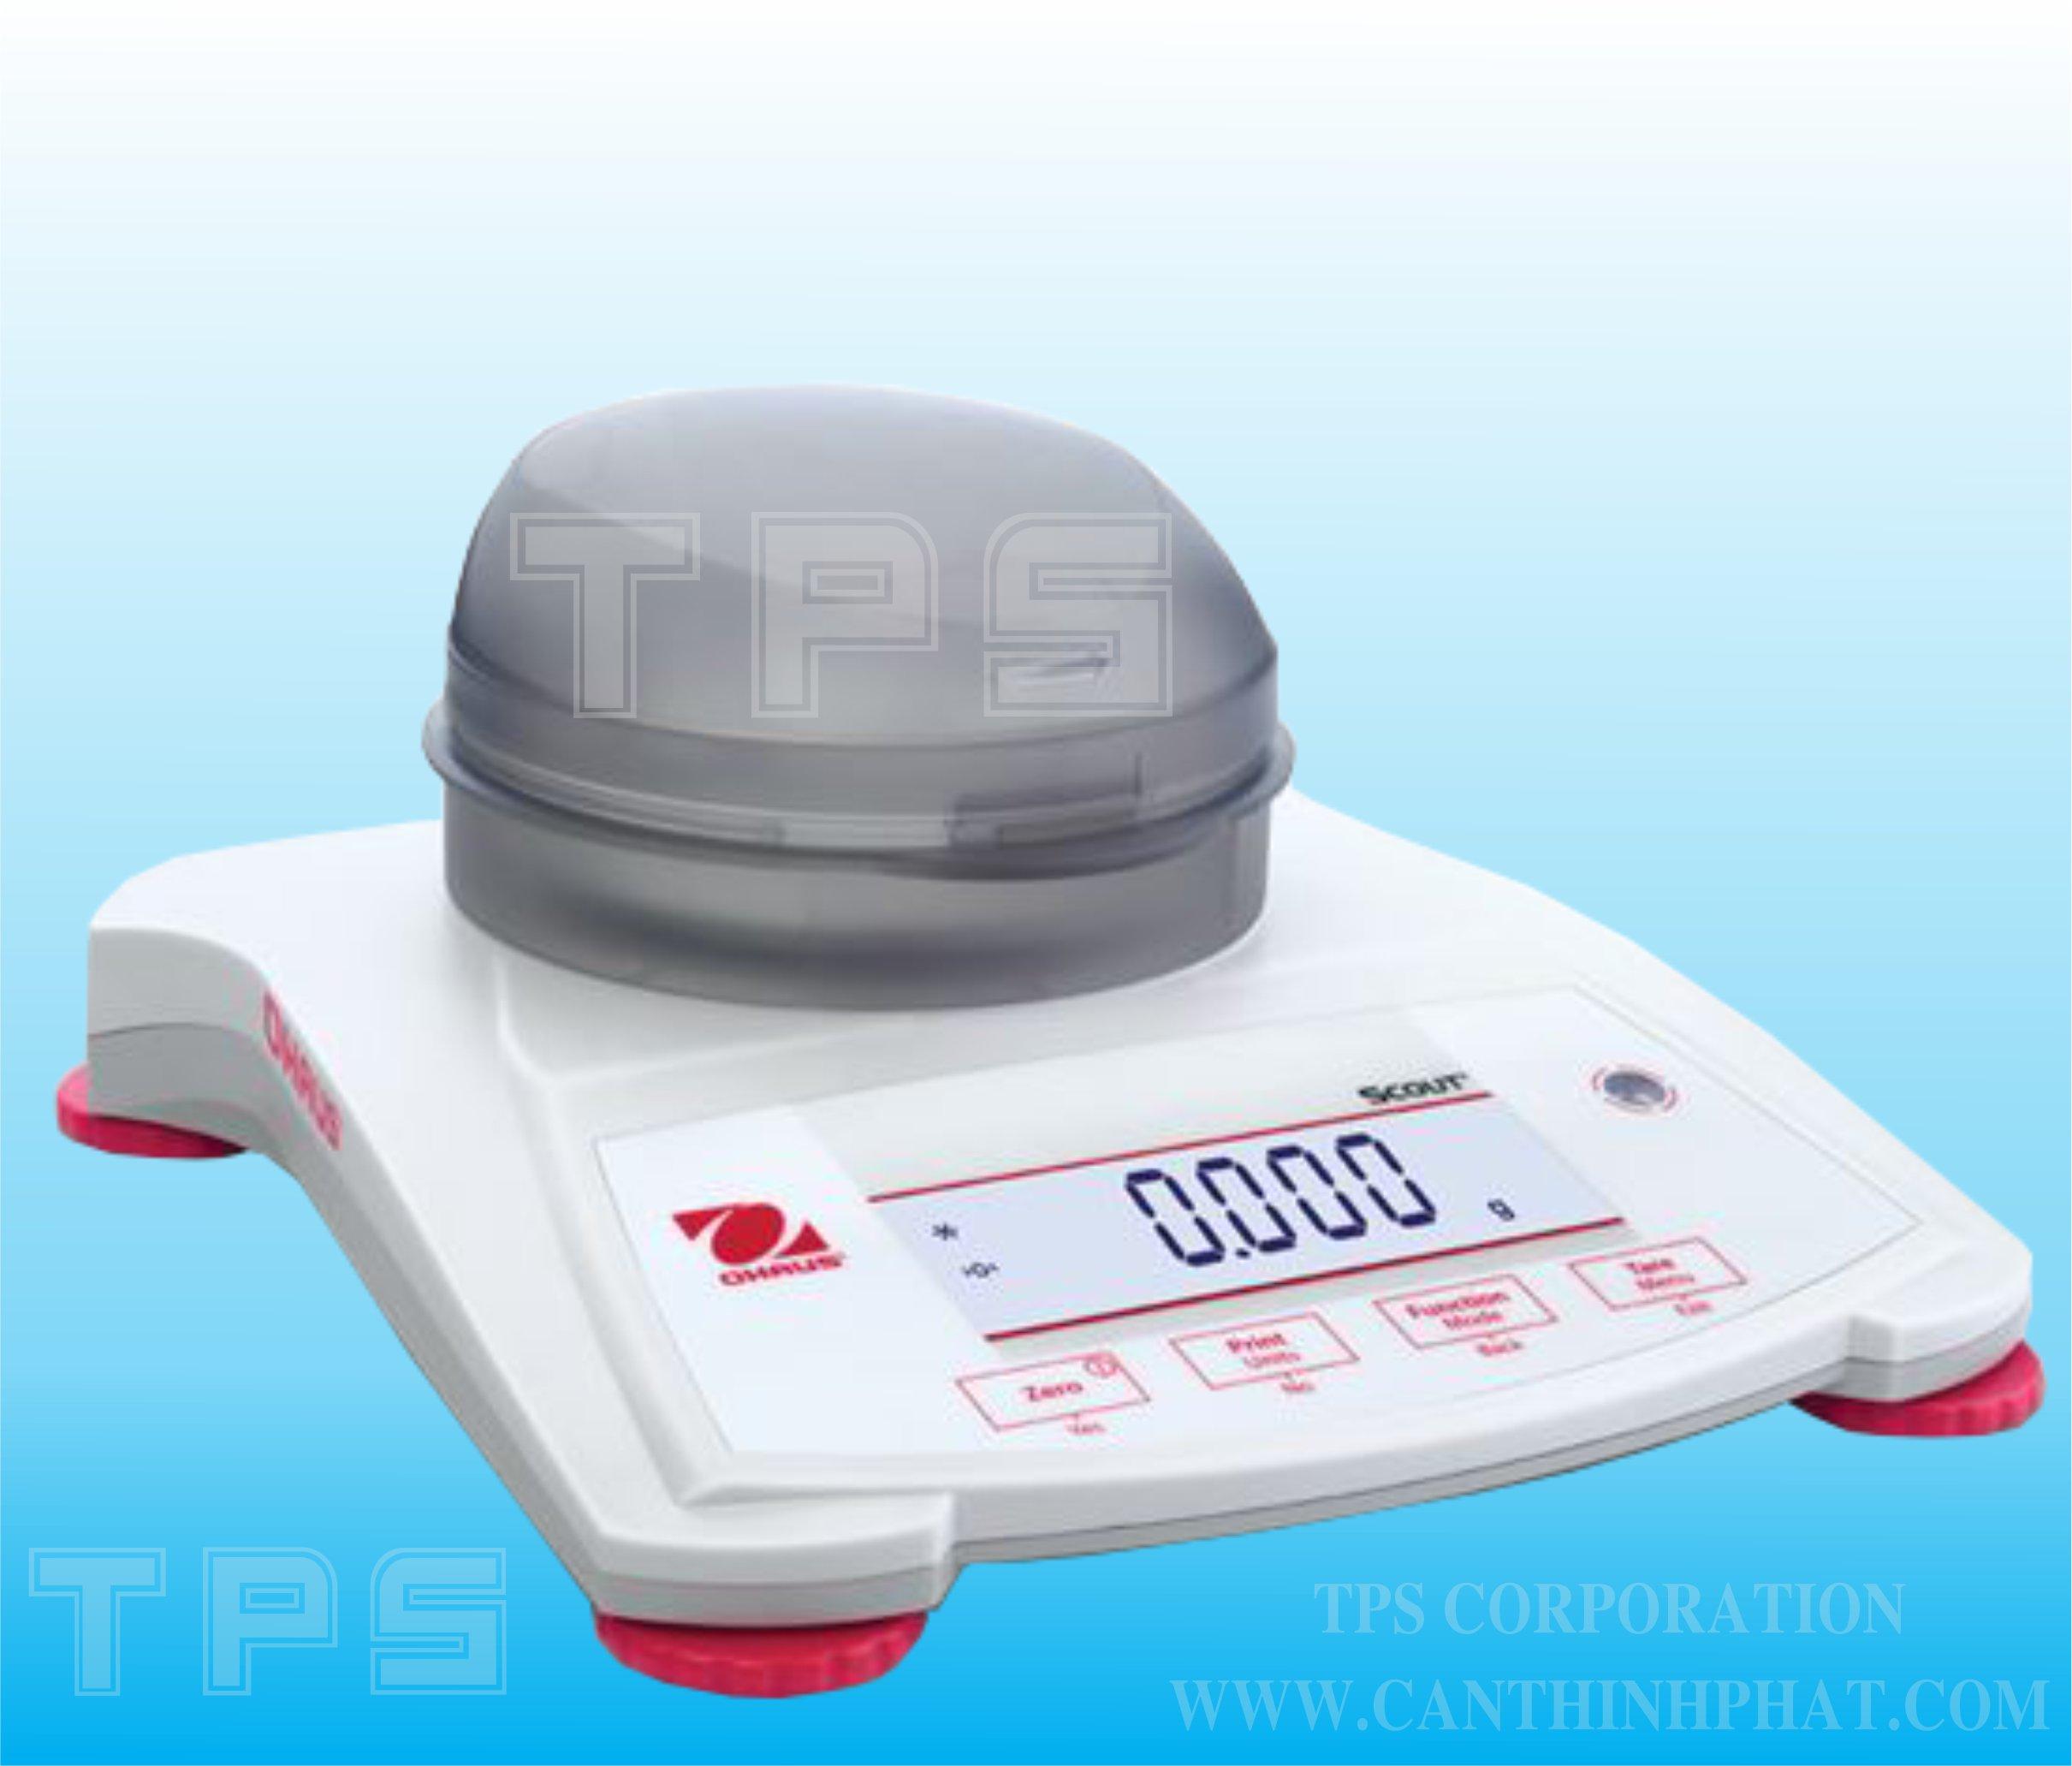 SPX223-220G/0.001G - 767